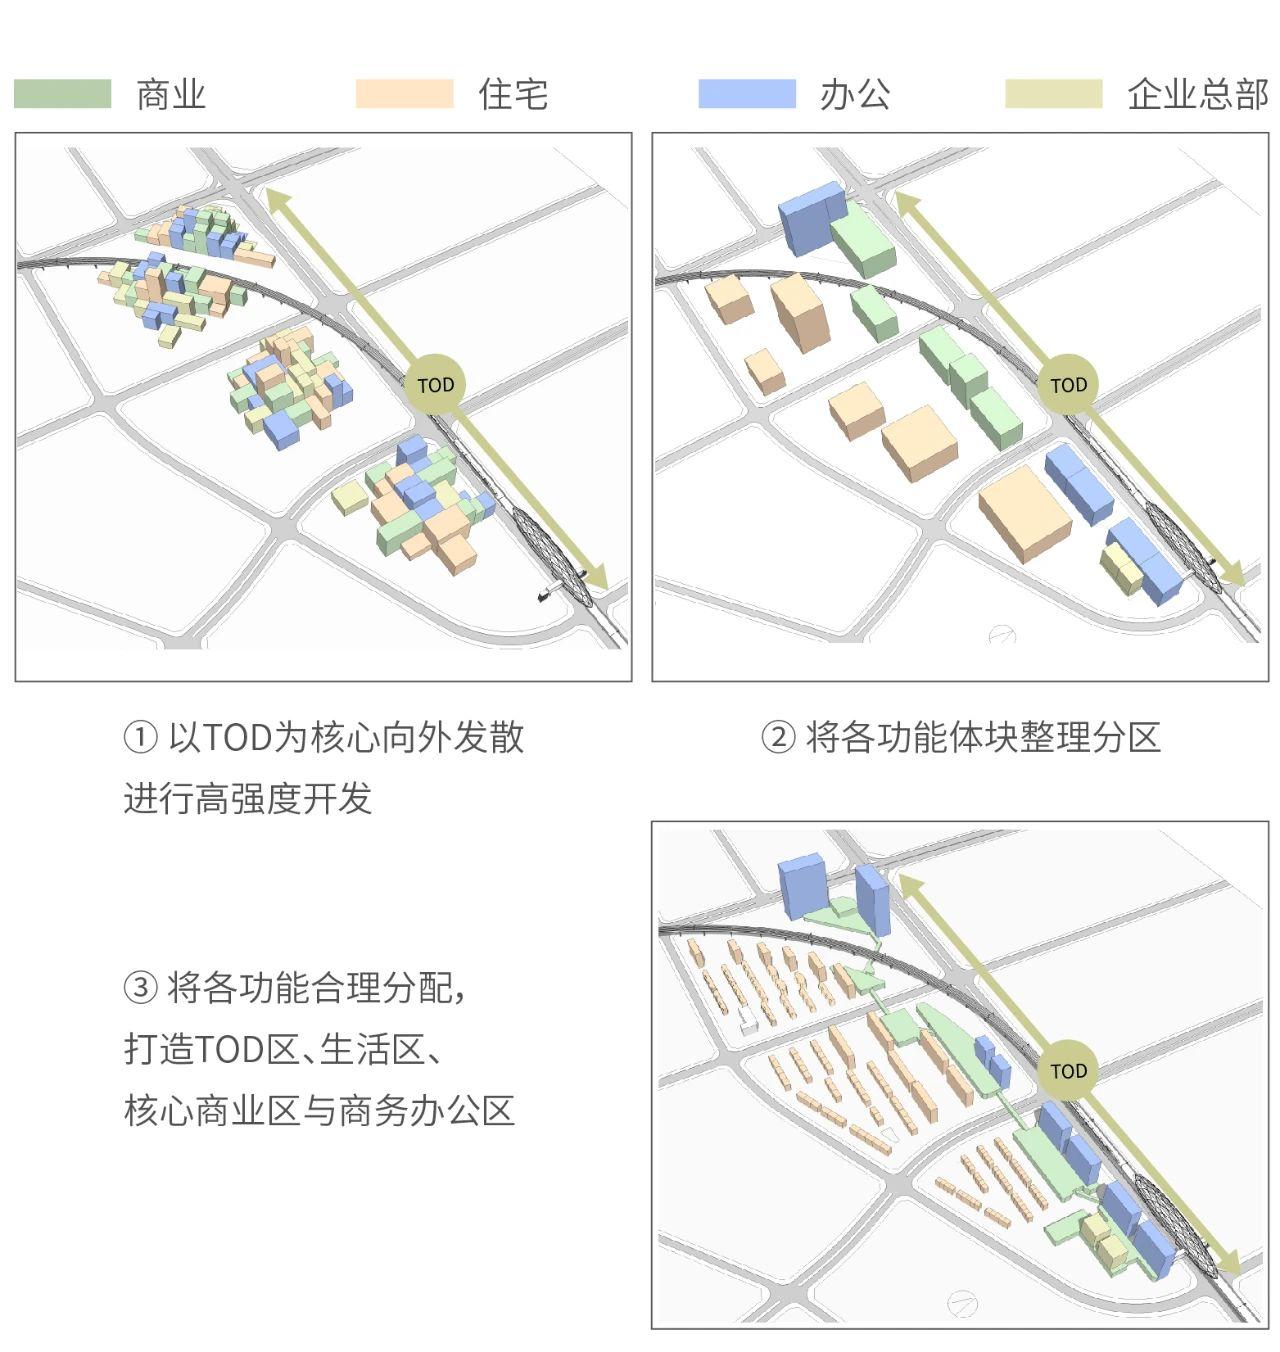 长春力旺·林溪湖 建筑设计/ 迈恩设计